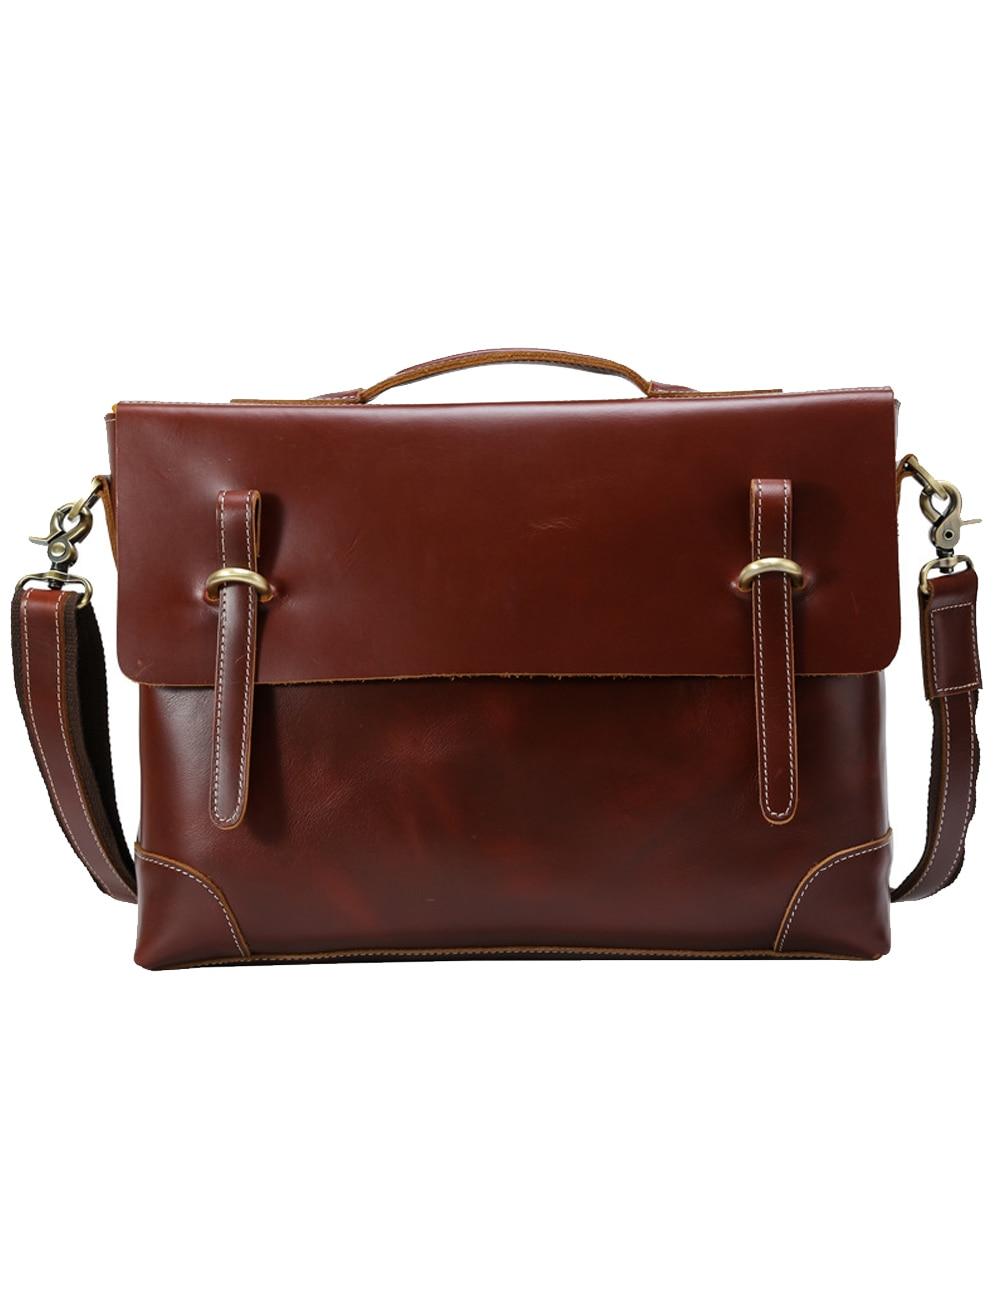 Для мужчин schwear Для мужчин из натуральной кожи Multi карман сумка через плечо Сумочка Портфели 38 см